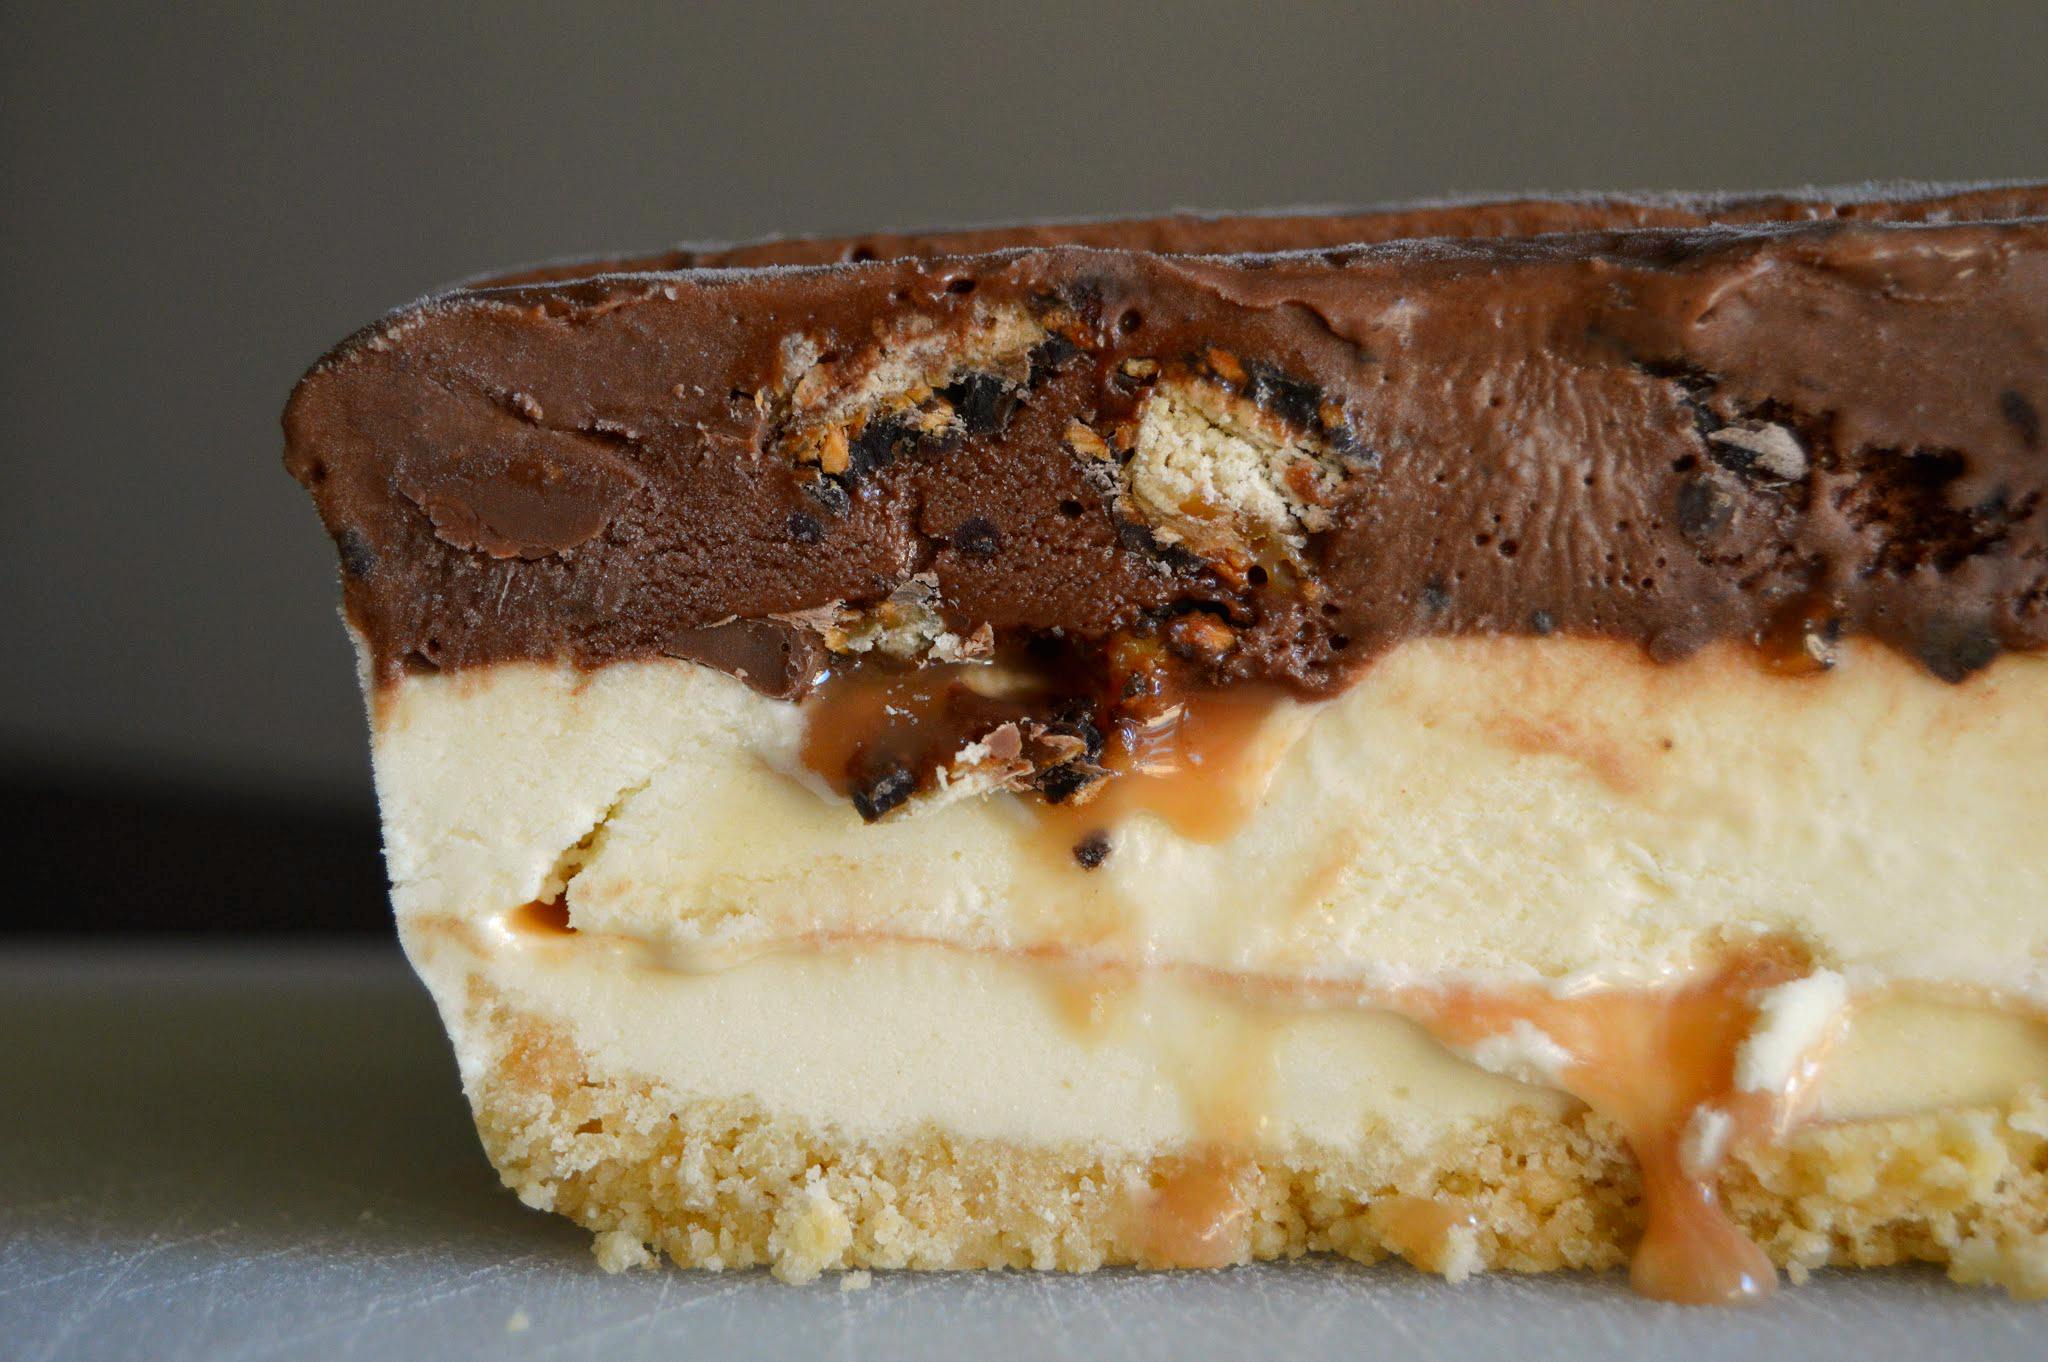 DSC_0177-samoa-ice-cream-cake